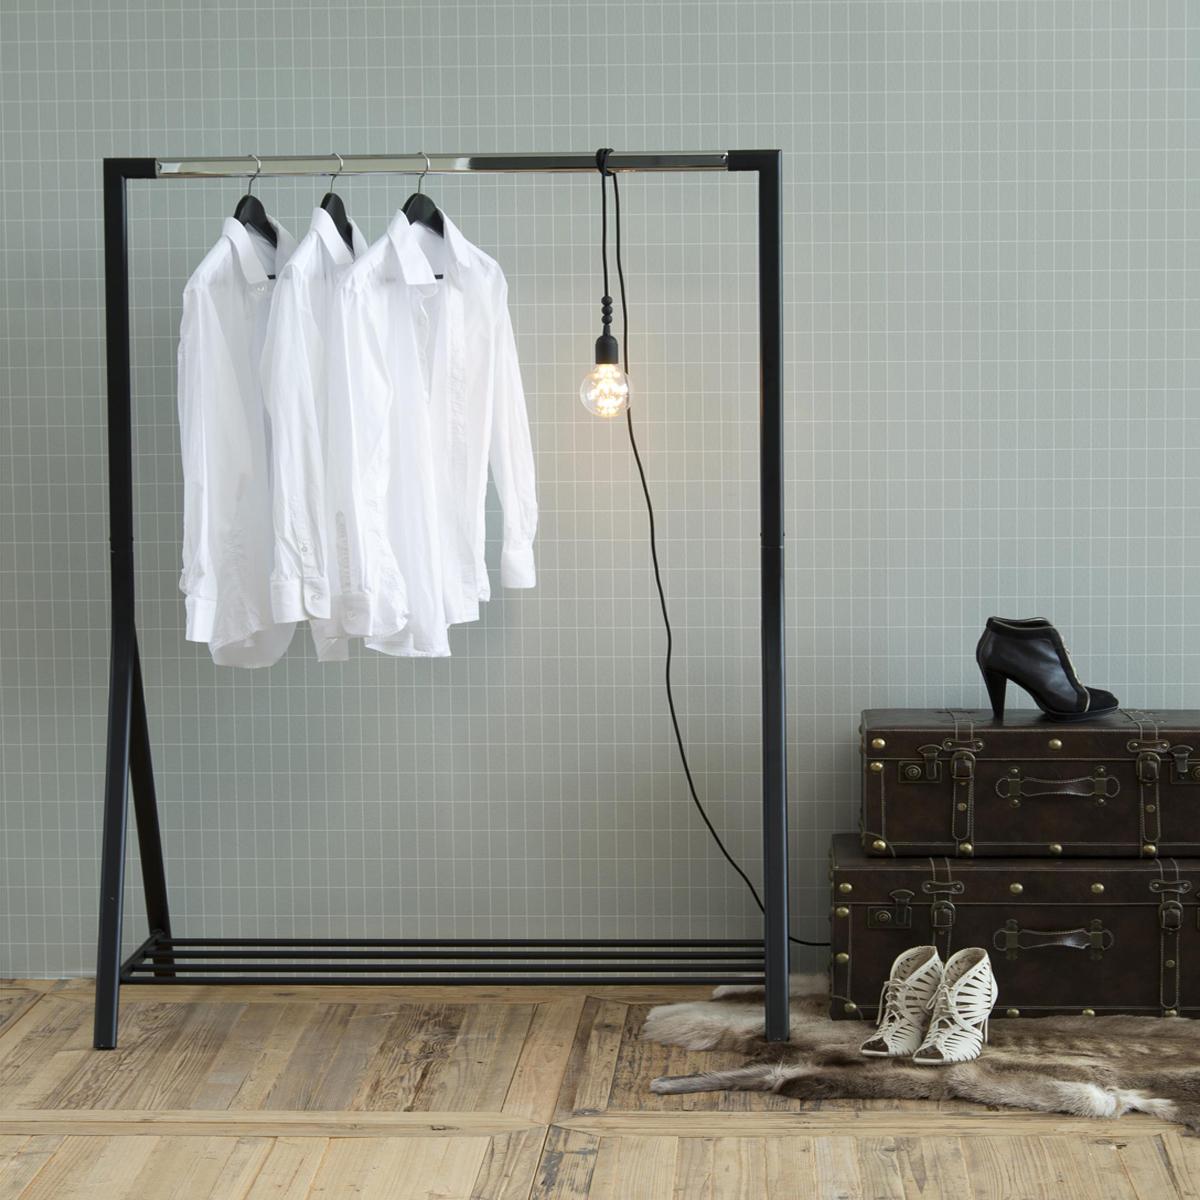 Kleiderstange Ebay: Garderobenständer Brent Kleiderständer Metall Schwarz Und